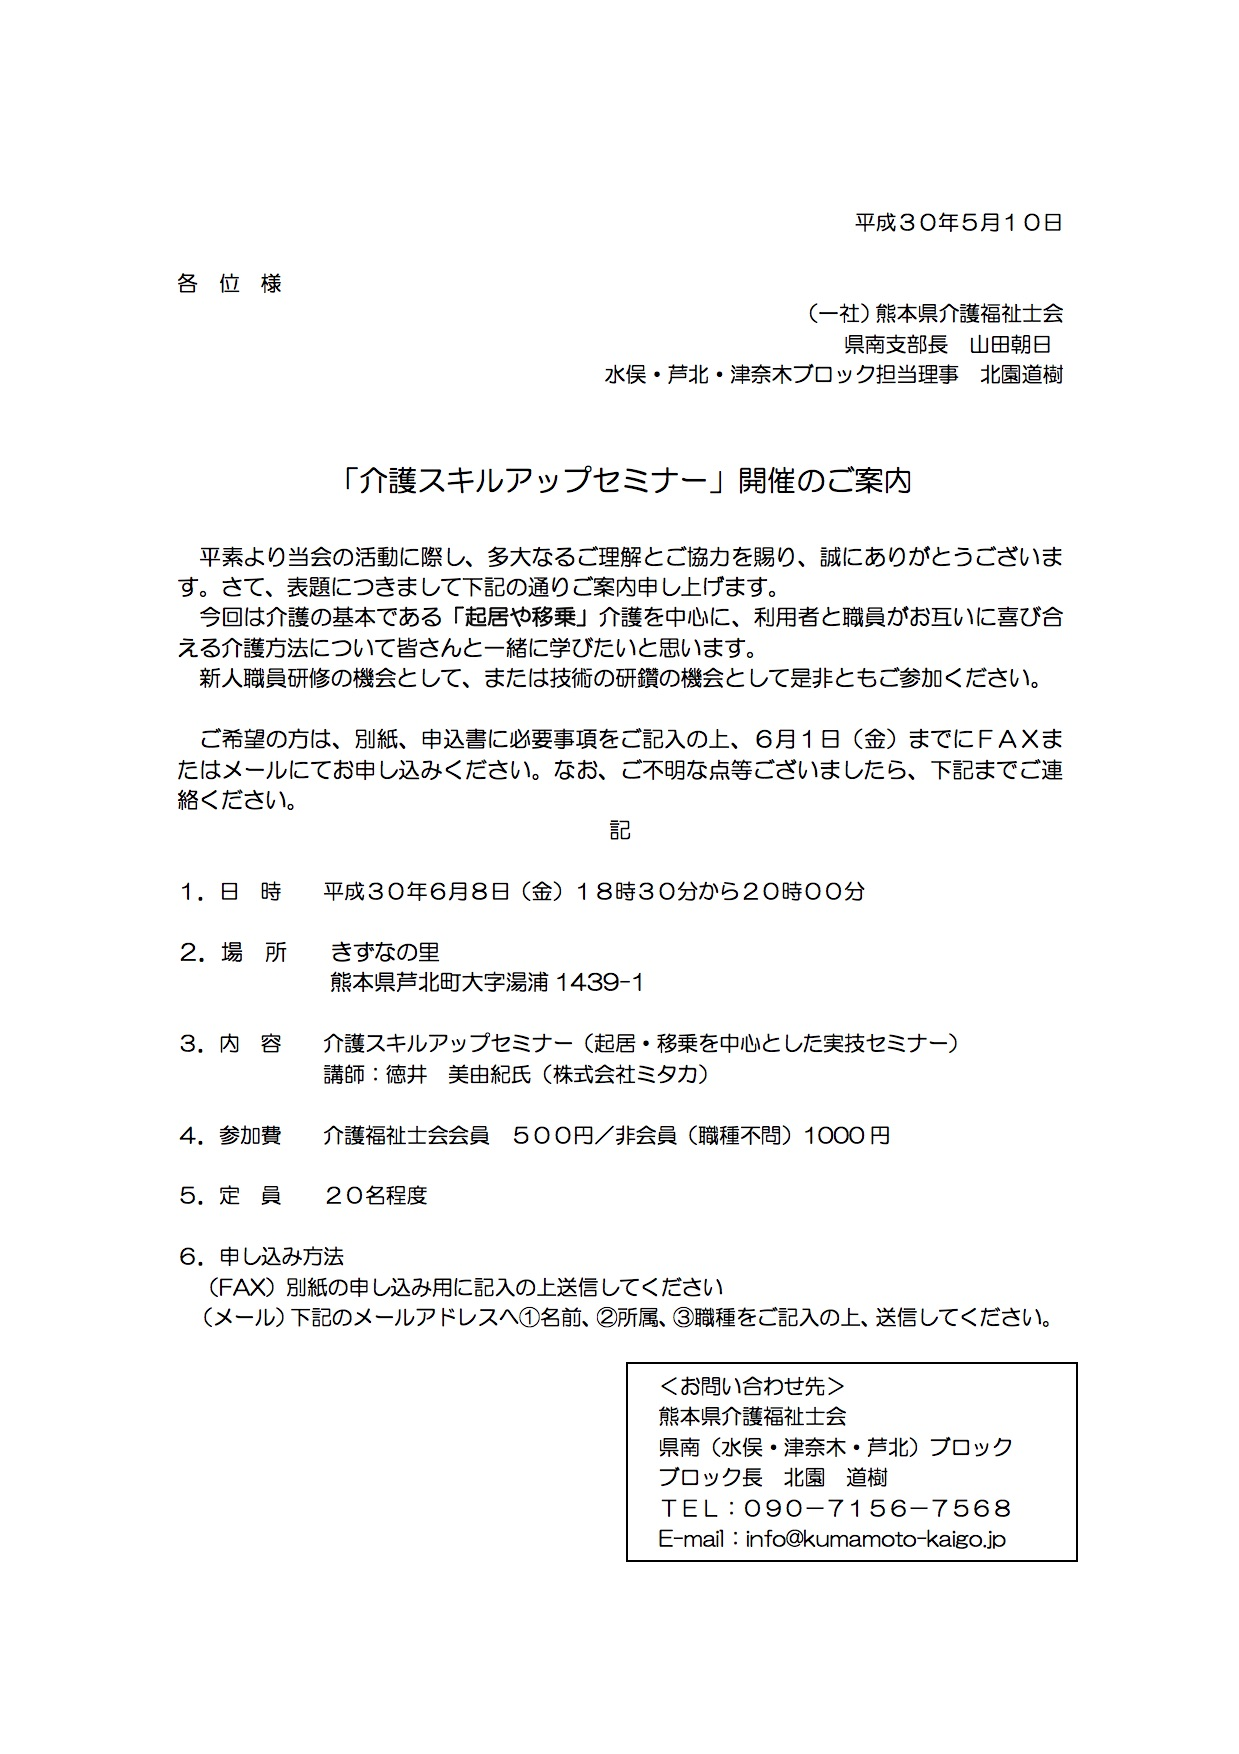 熊本県介護福祉士会 介護スキルアップセミナー開催のご案内